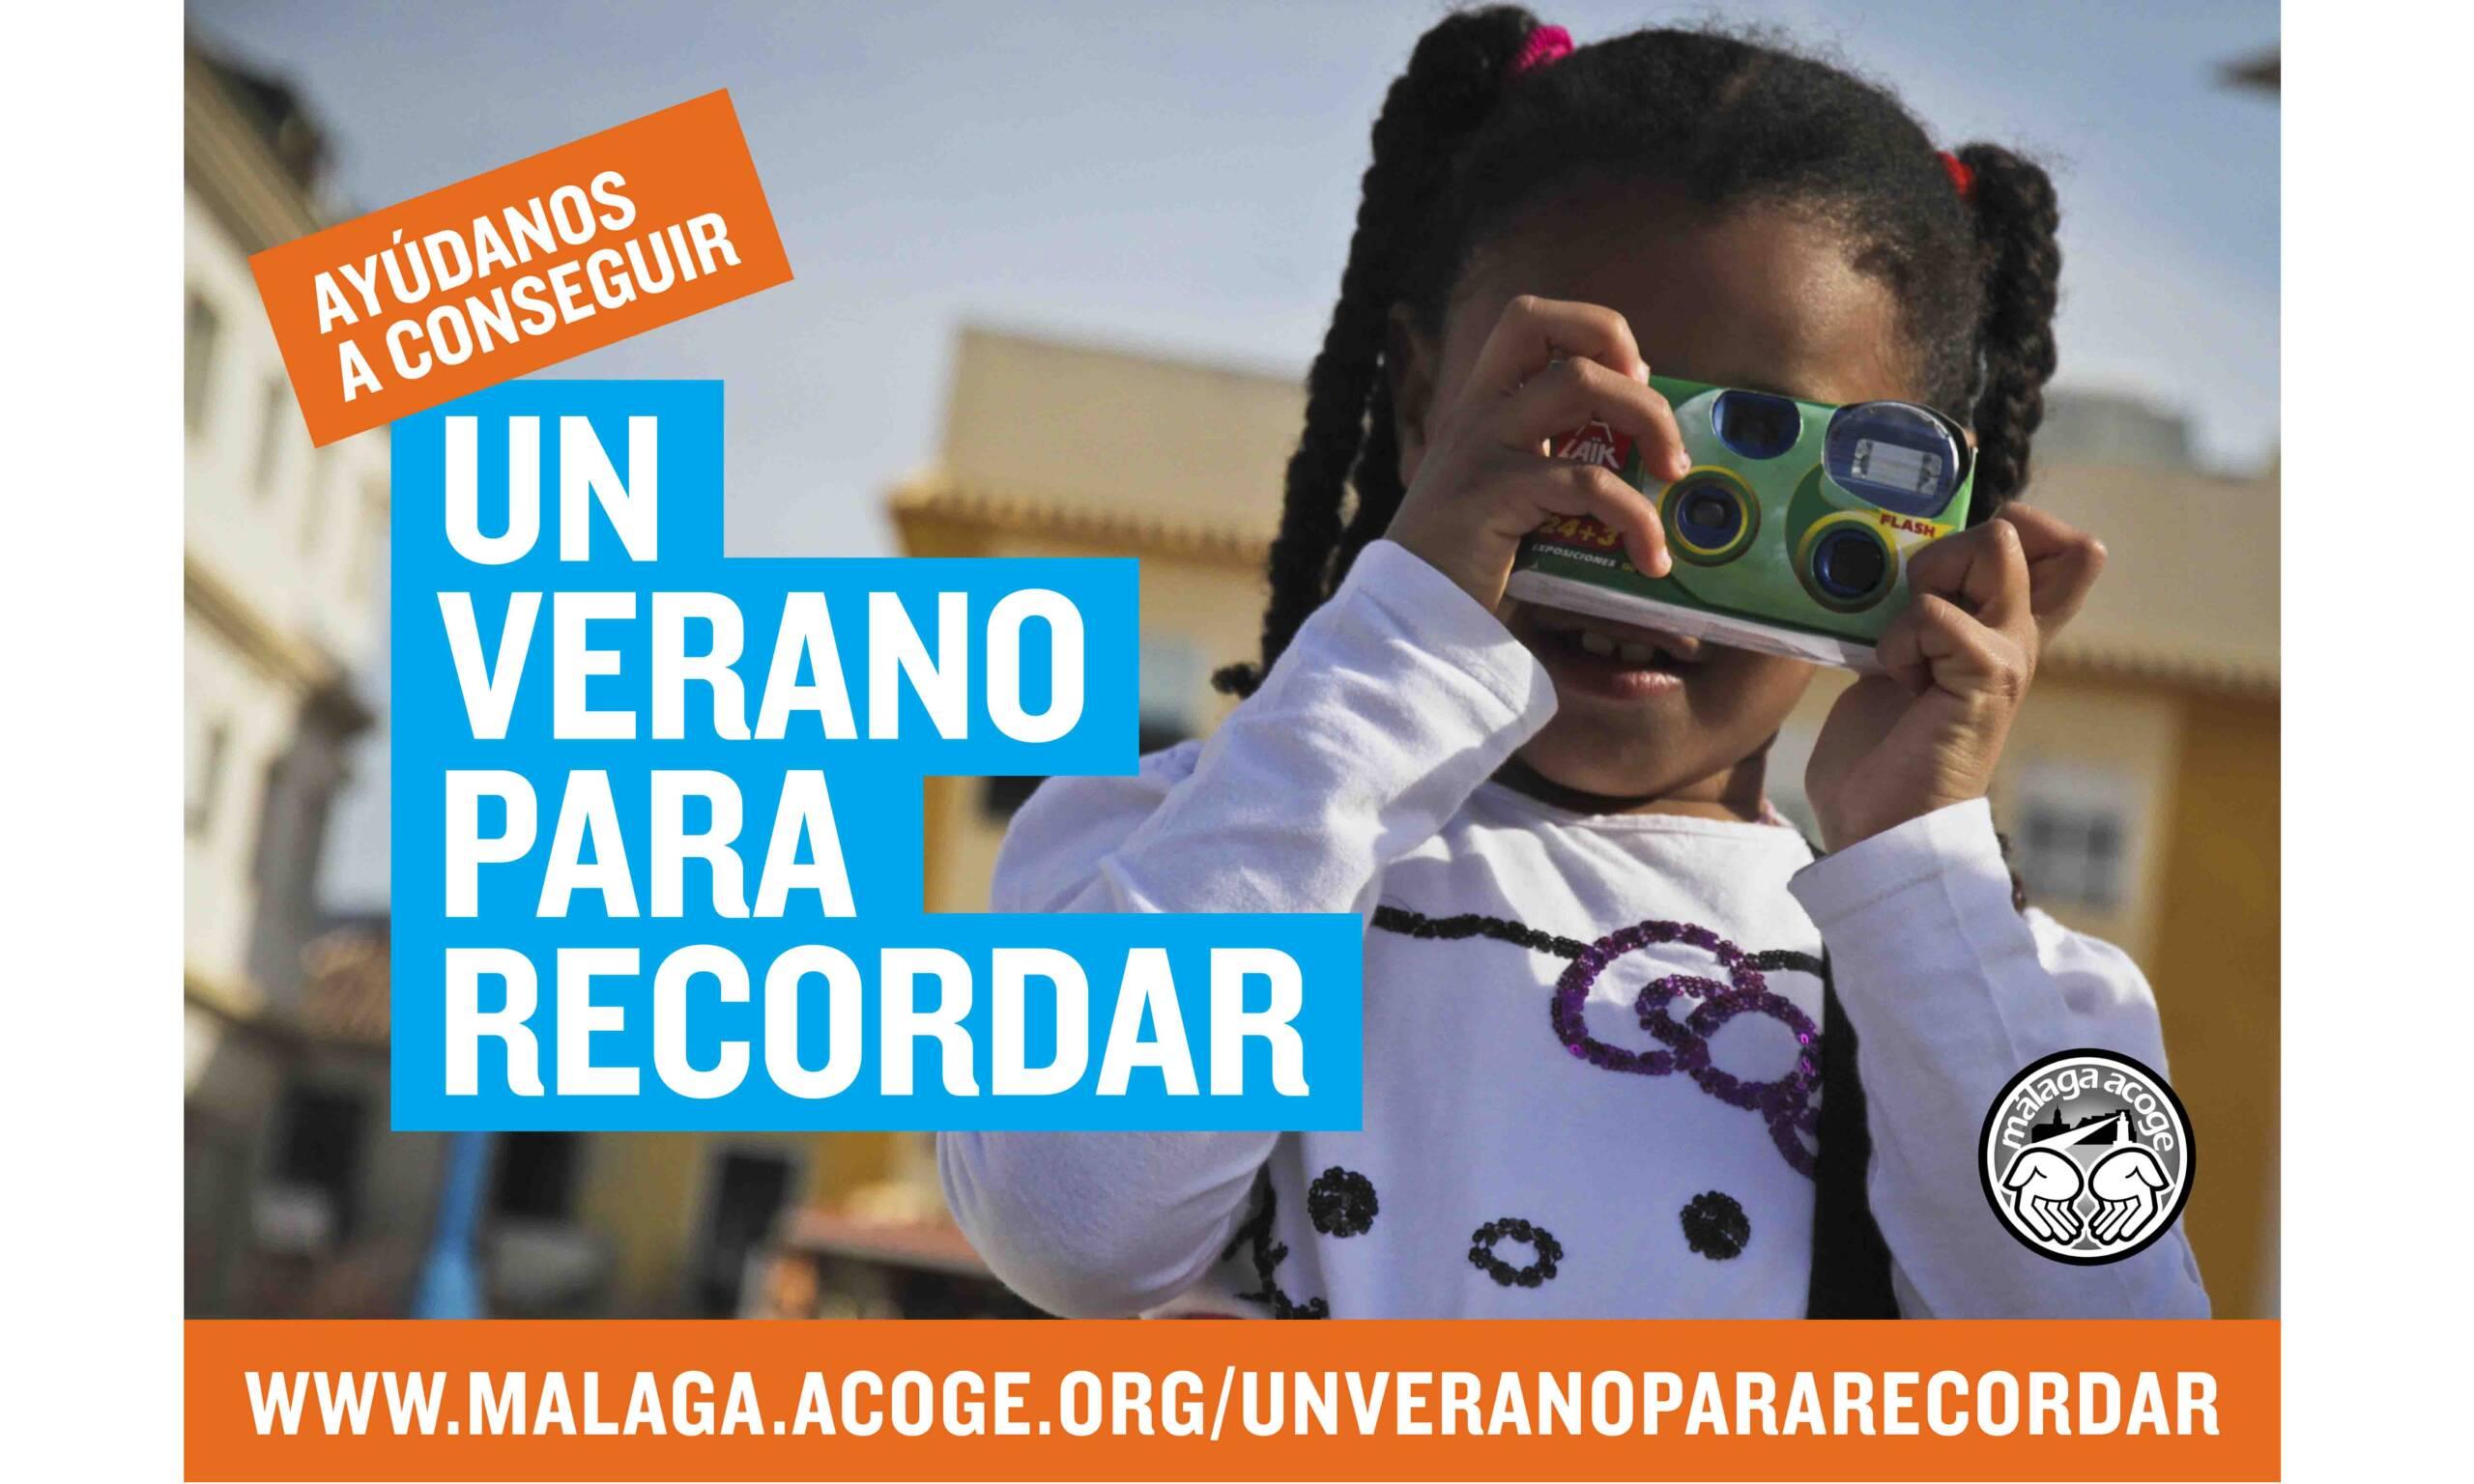 Arranca la campaña de microdonaciones «Un verano para recordar»